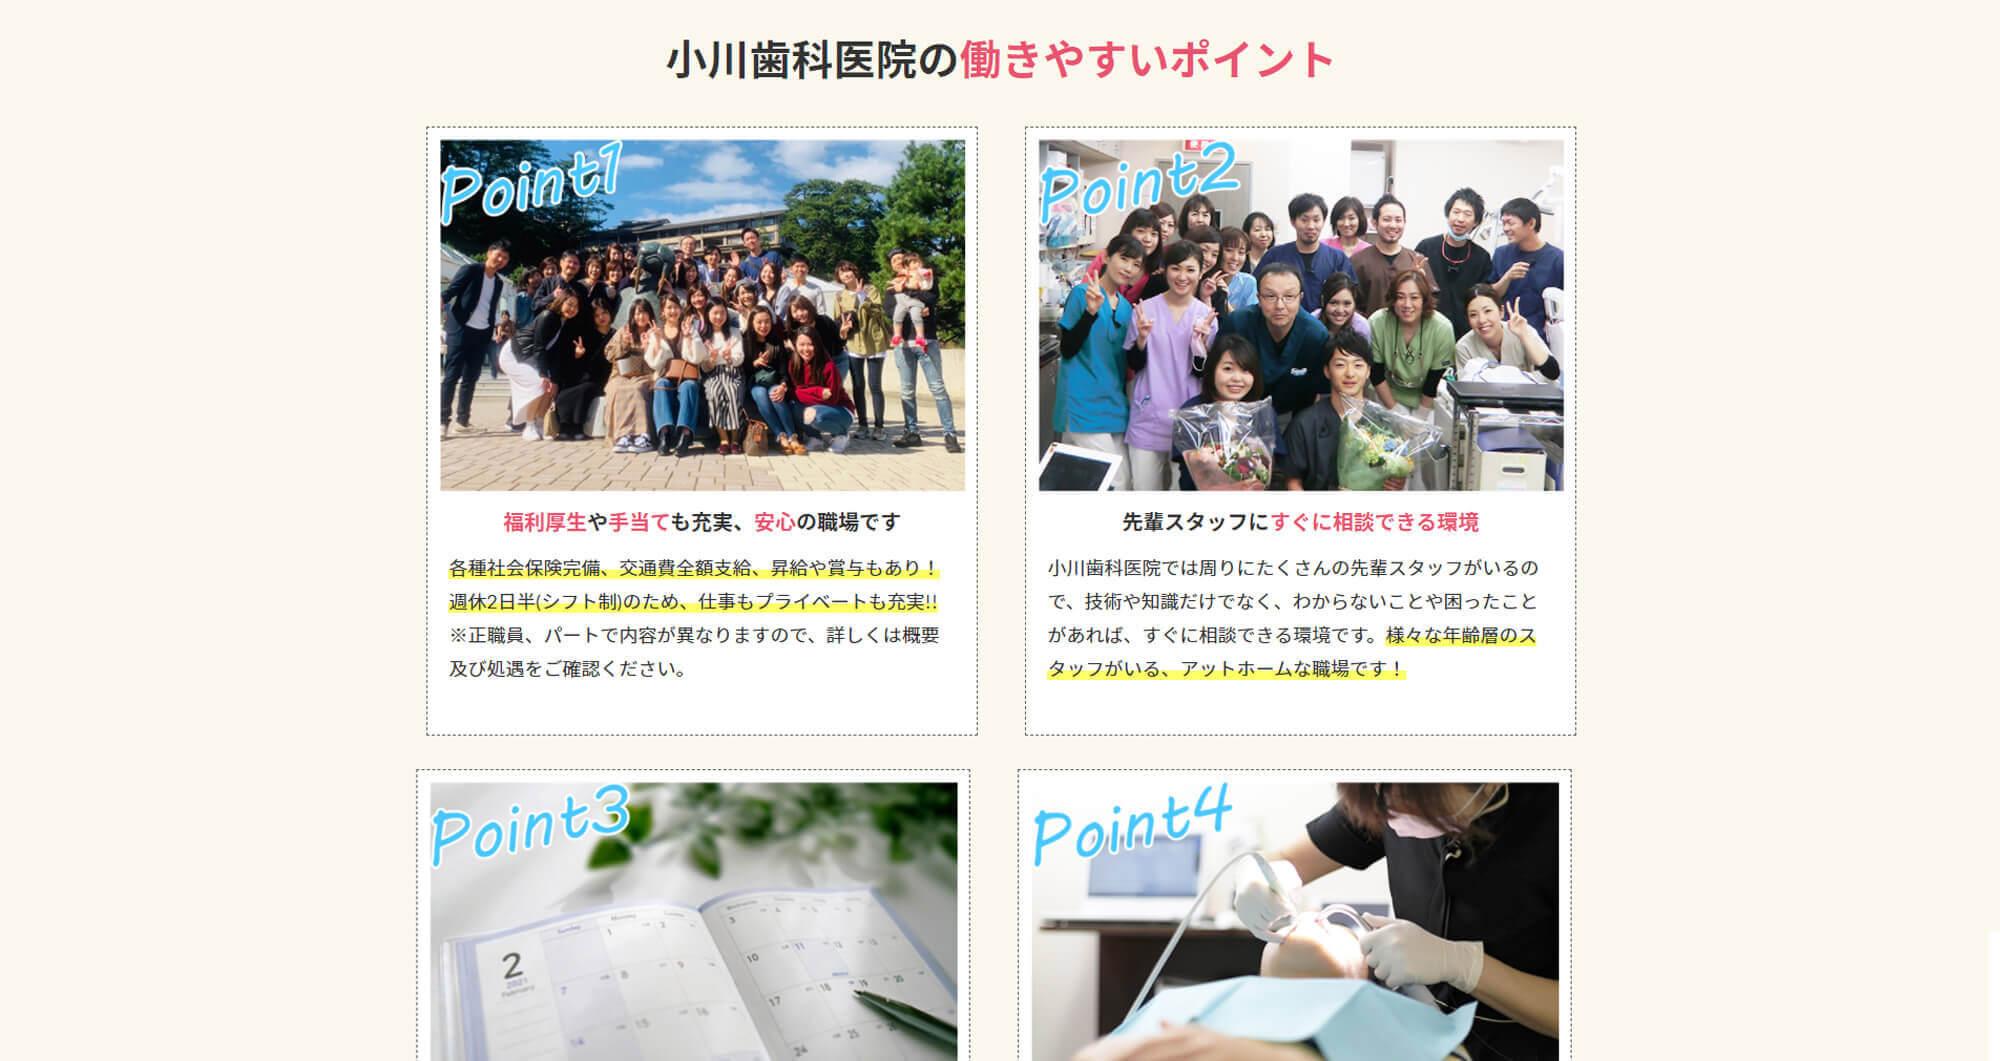 医療法人小川歯科医院様歯科衛生士募集サイトPCトップページ